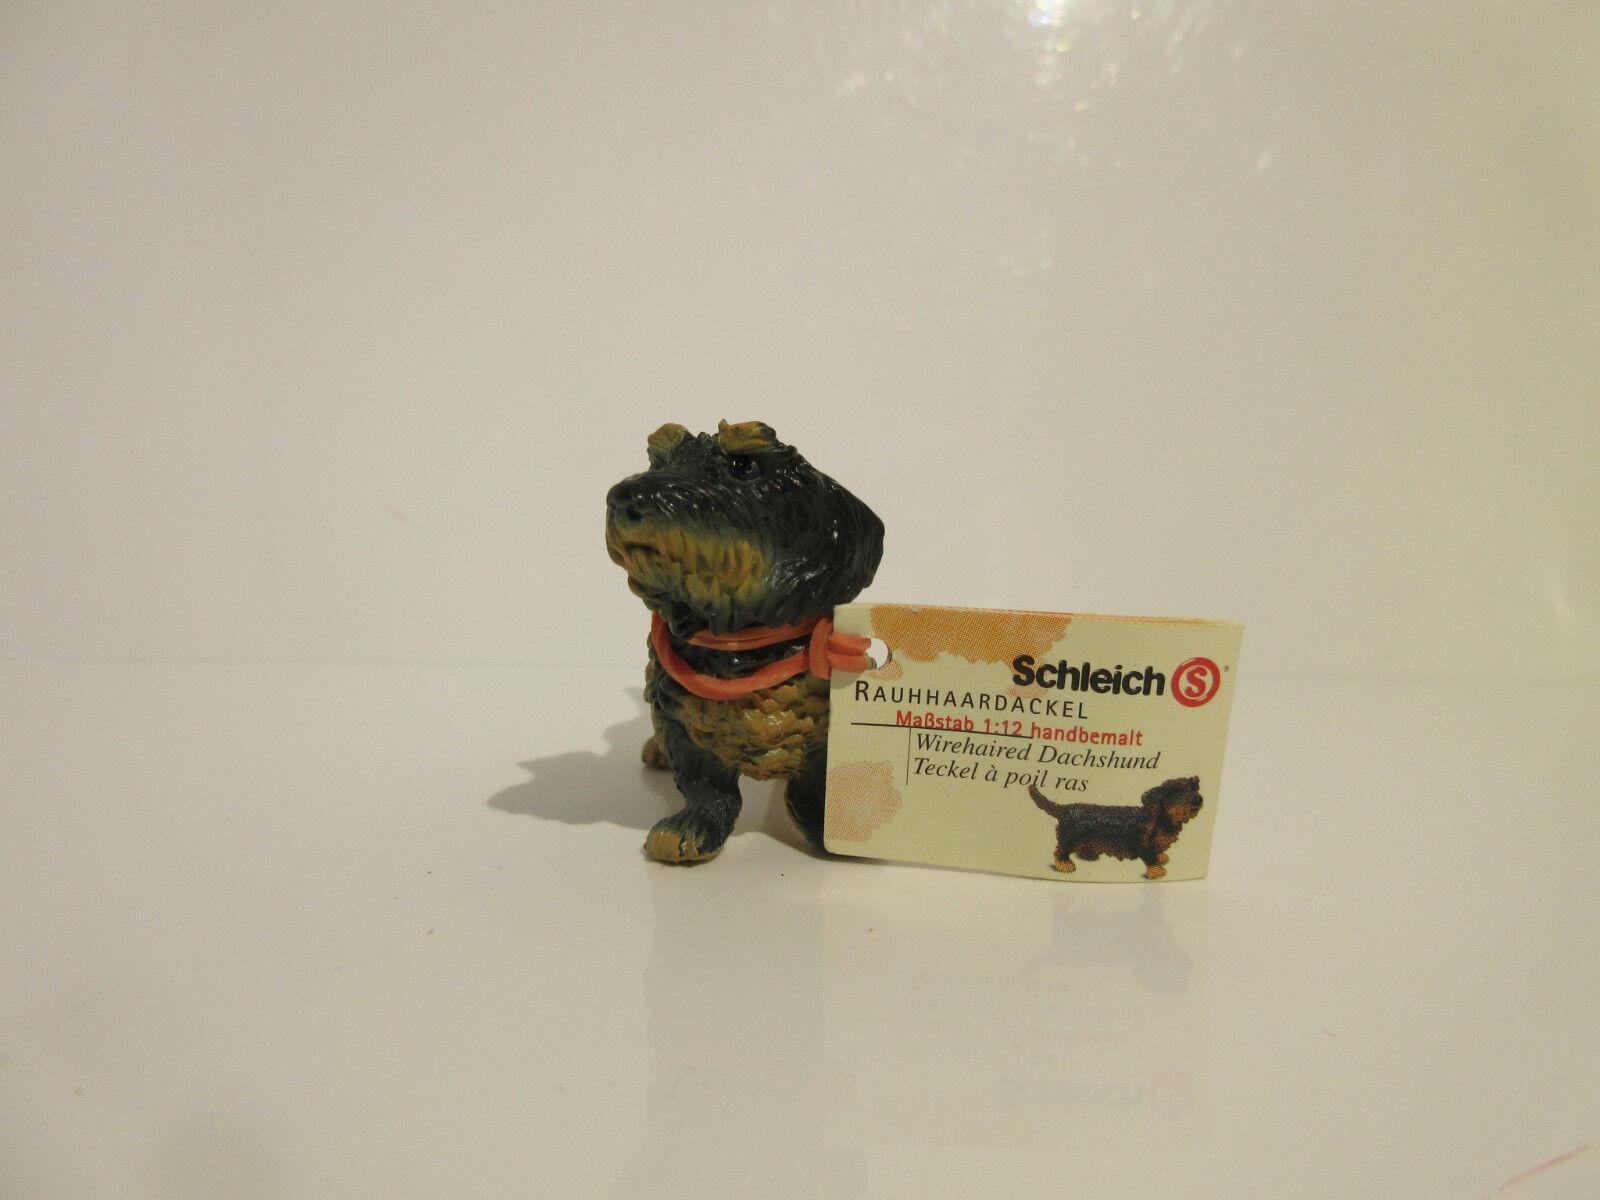 16317 Schleich Dog: Wirehairosso Dachshund booklet ref:21P36